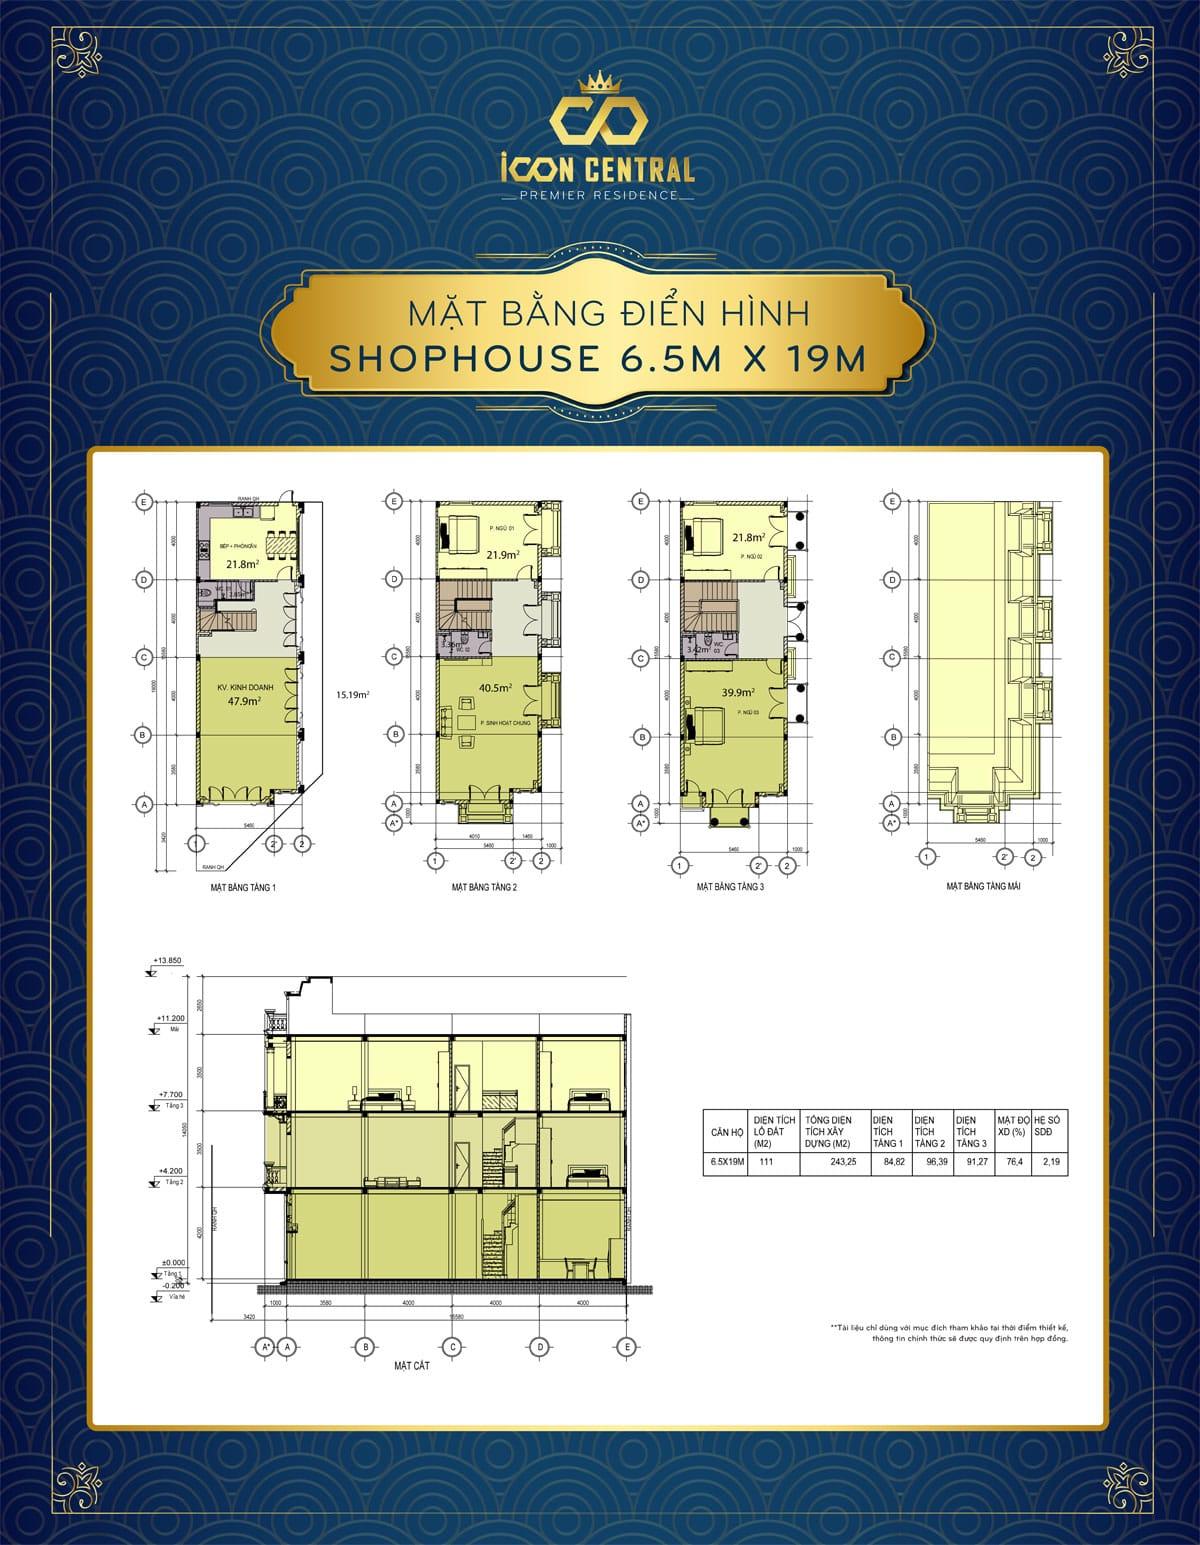 mat bang dien hinh shophouse di an 6 m 5 x 19m icon central - mat-bang-dien-hinh-shophouse-di-an-6-m-5-x-19m-icon-central